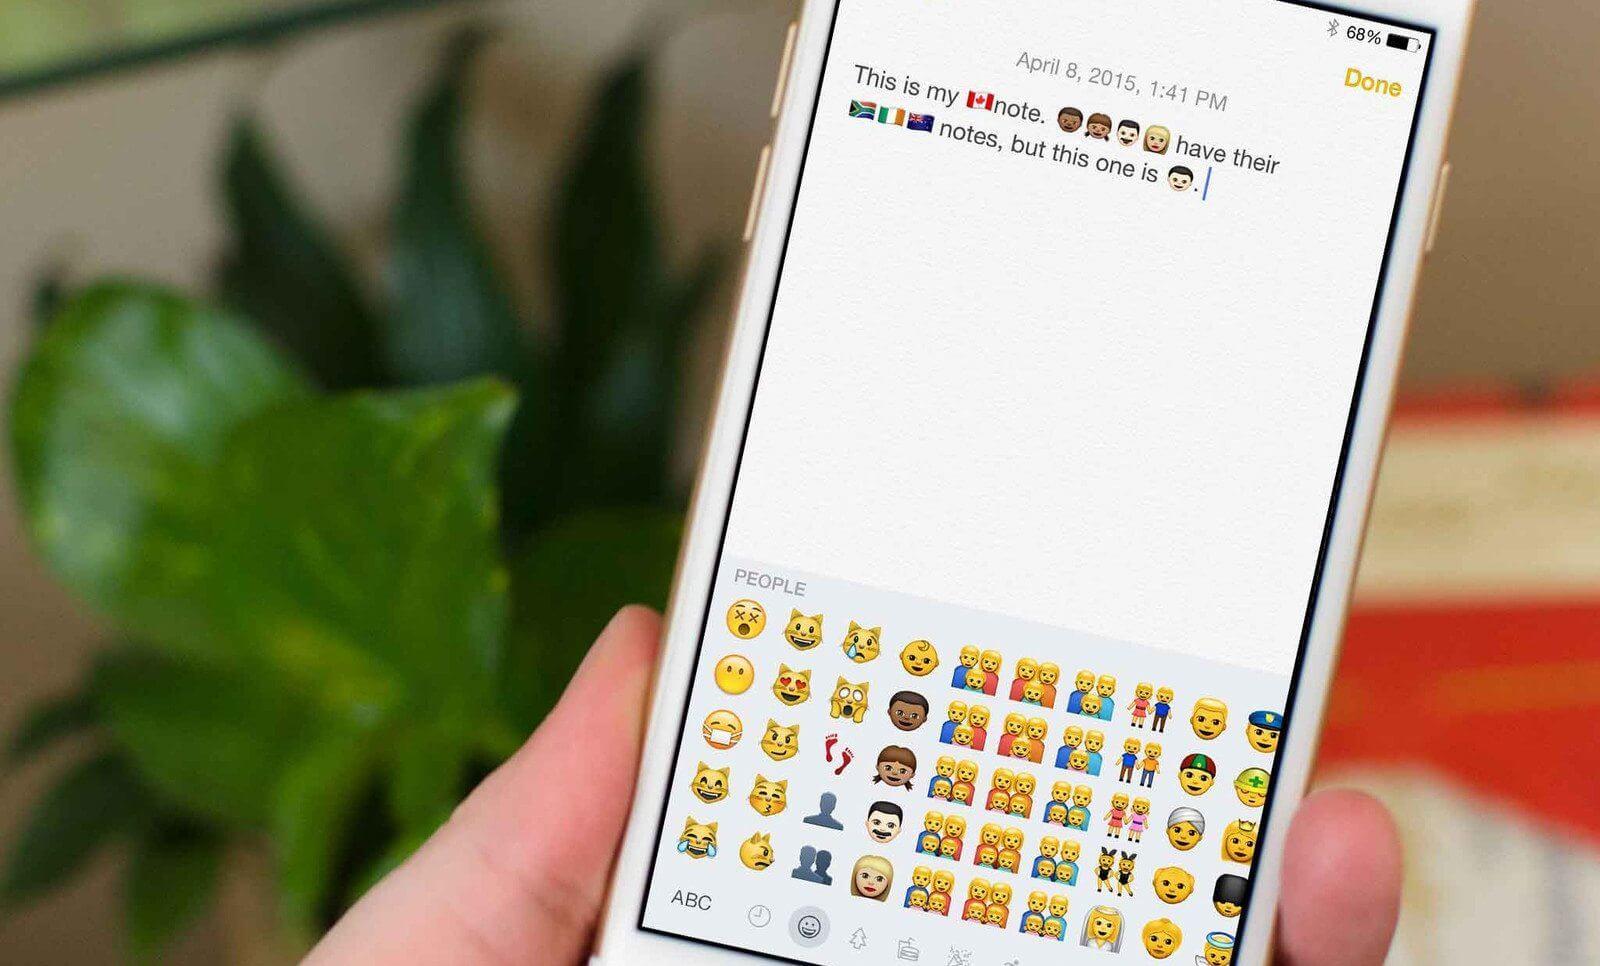 Conheça a história do emoji - De onde vêm os emojis? História curiosa envolve o Japão e Steve Jobs